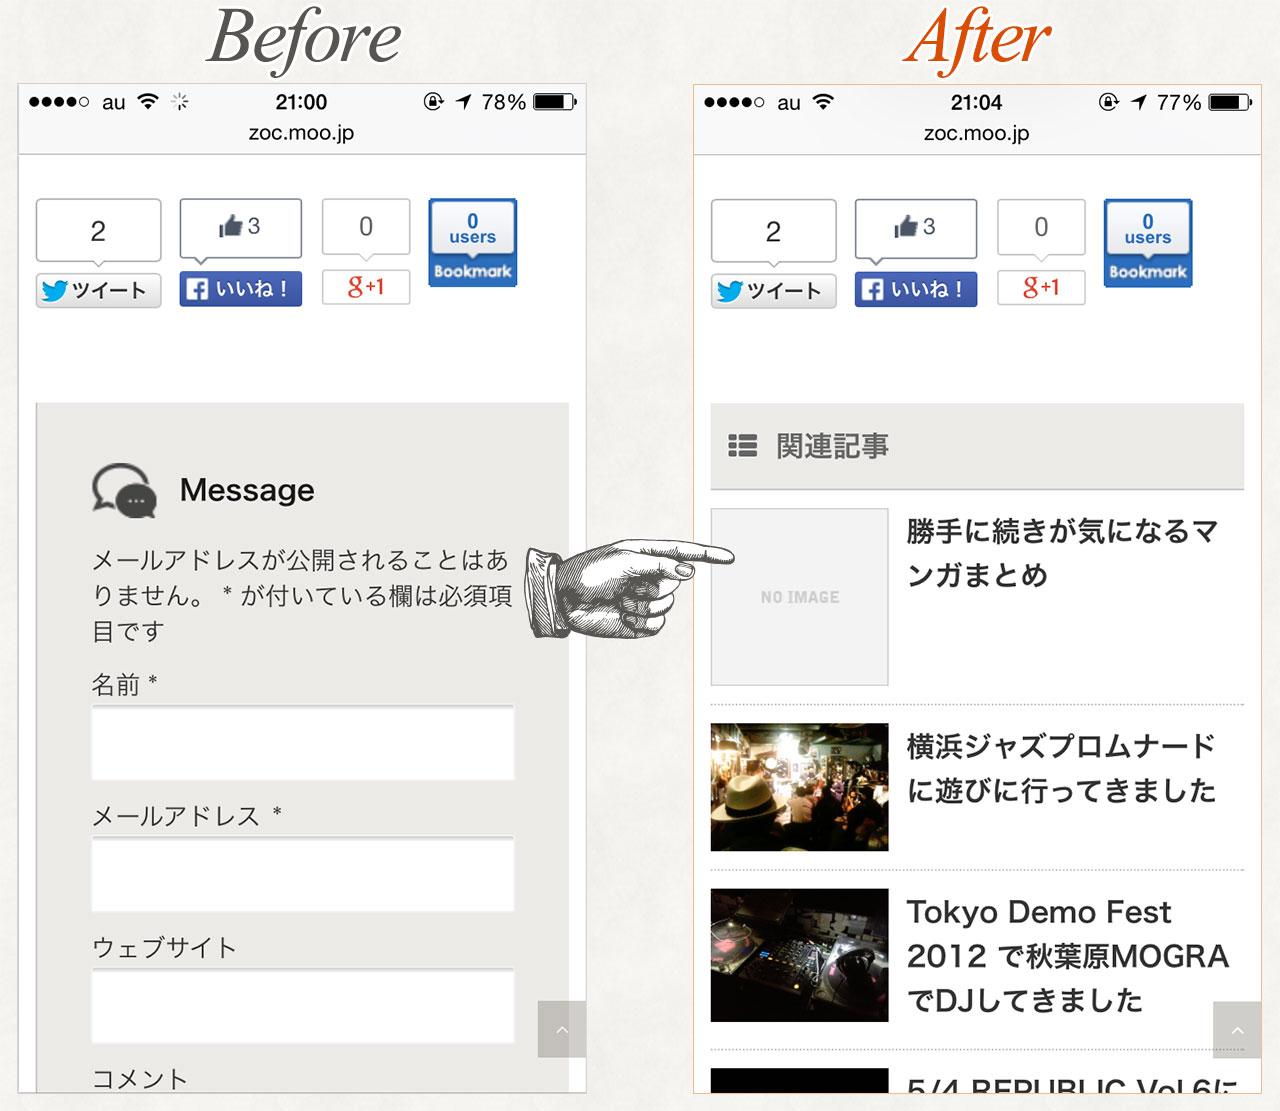 カスタマイズをする前のBeforeが左の画像、カスタマイズ後のAfterが右の画像です。